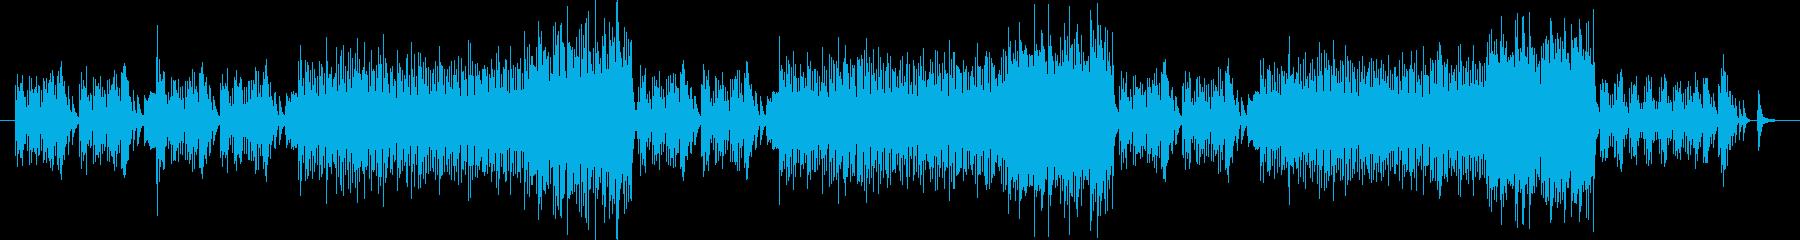 ミステリアスで素朴なメロディーの再生済みの波形